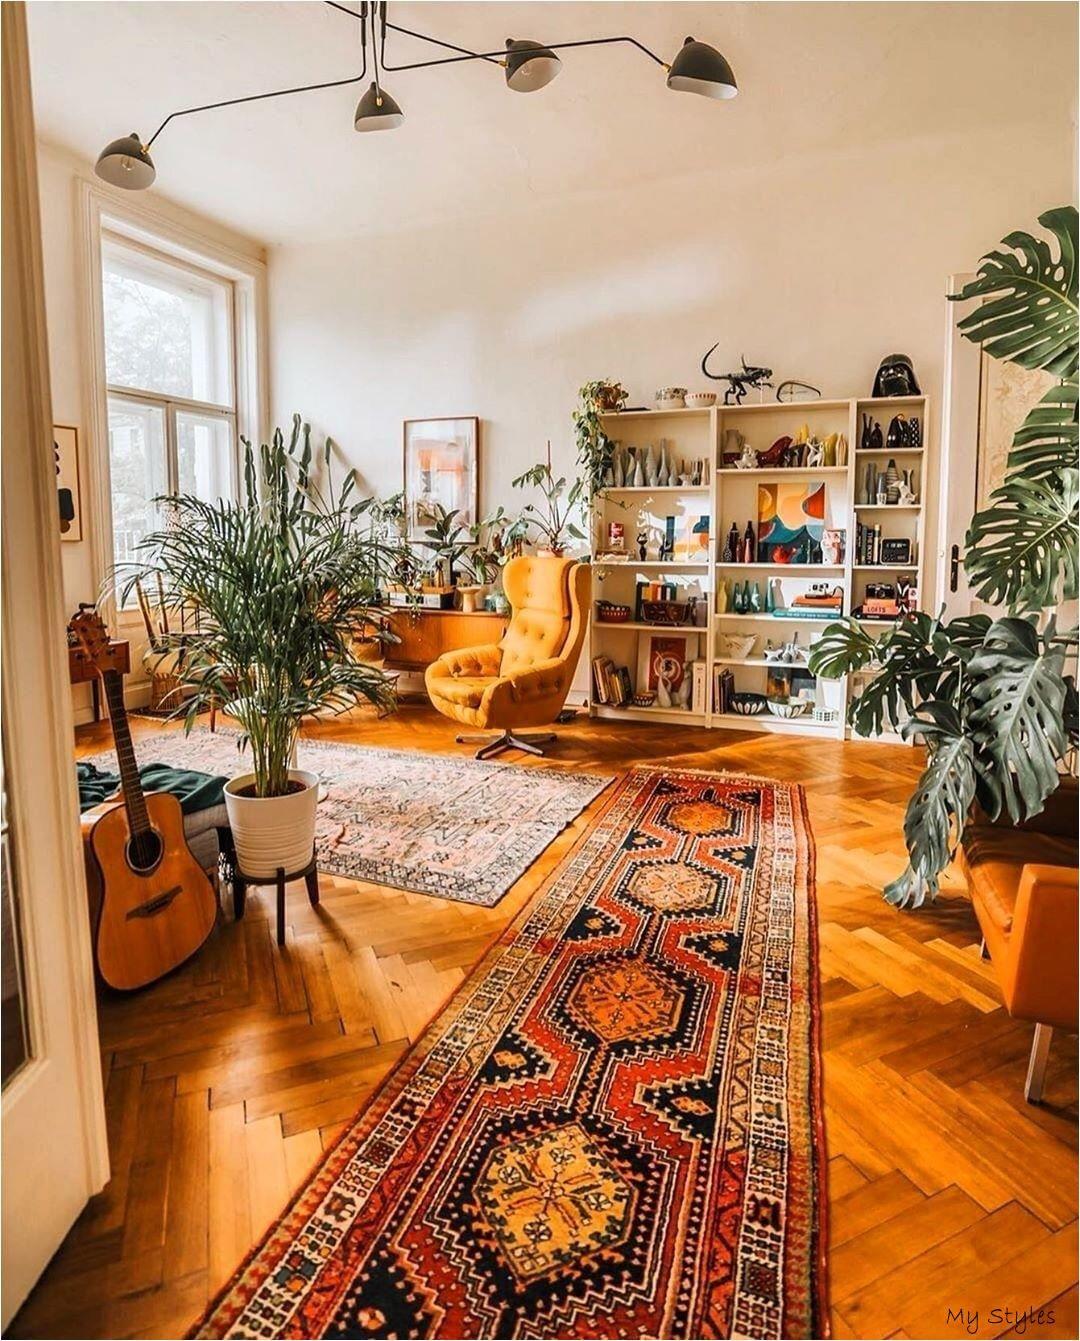 Area Rug Oushak Rug Turkish Rug Vintage Rug Red Blue Rug Etsy In 2020 Home Decor Bedroom Decor Decor